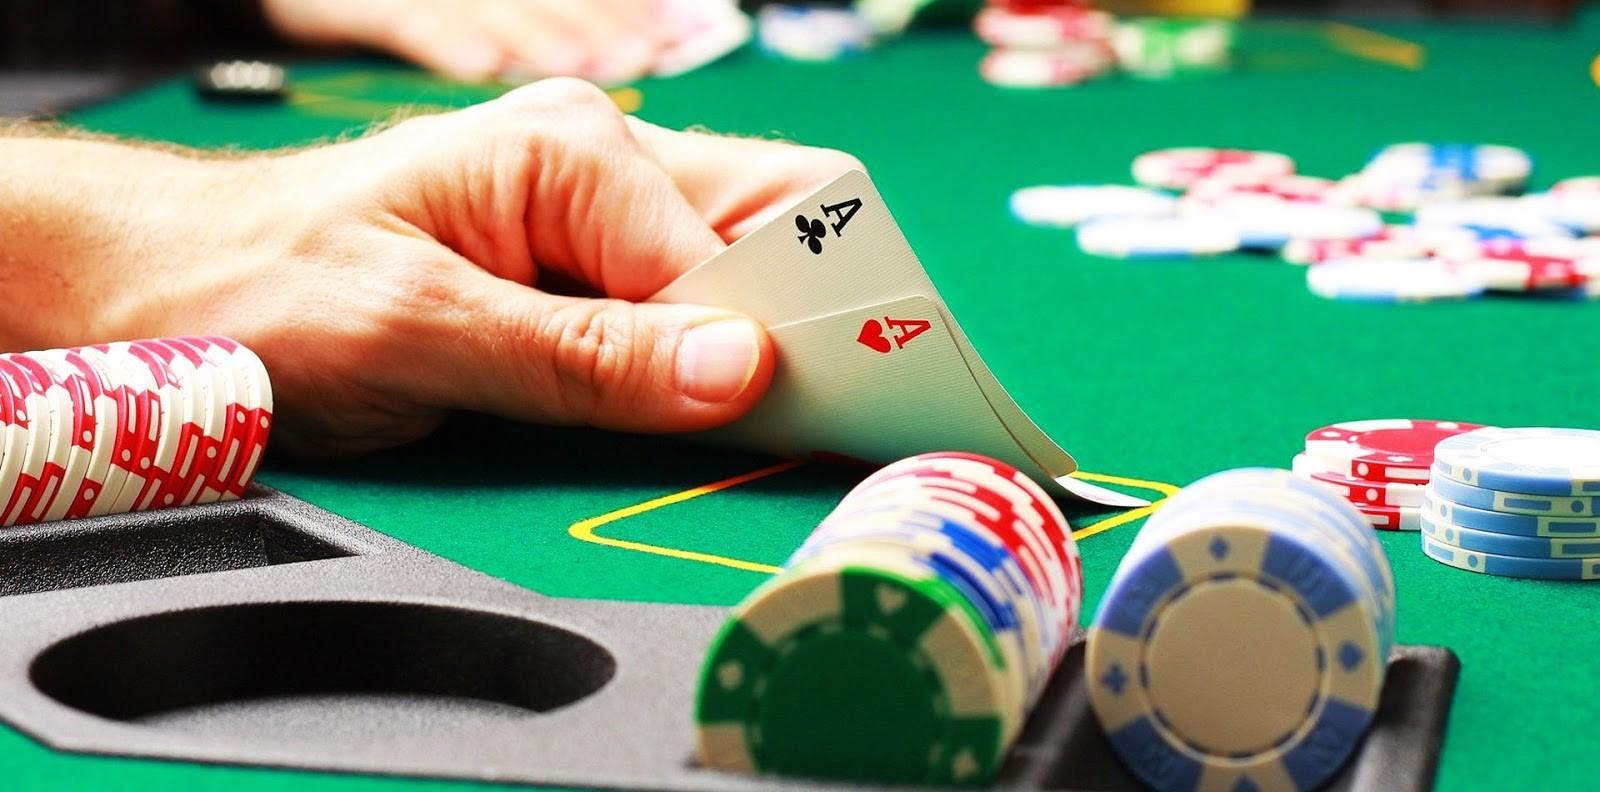 Game poker đổi thưởng online là gì